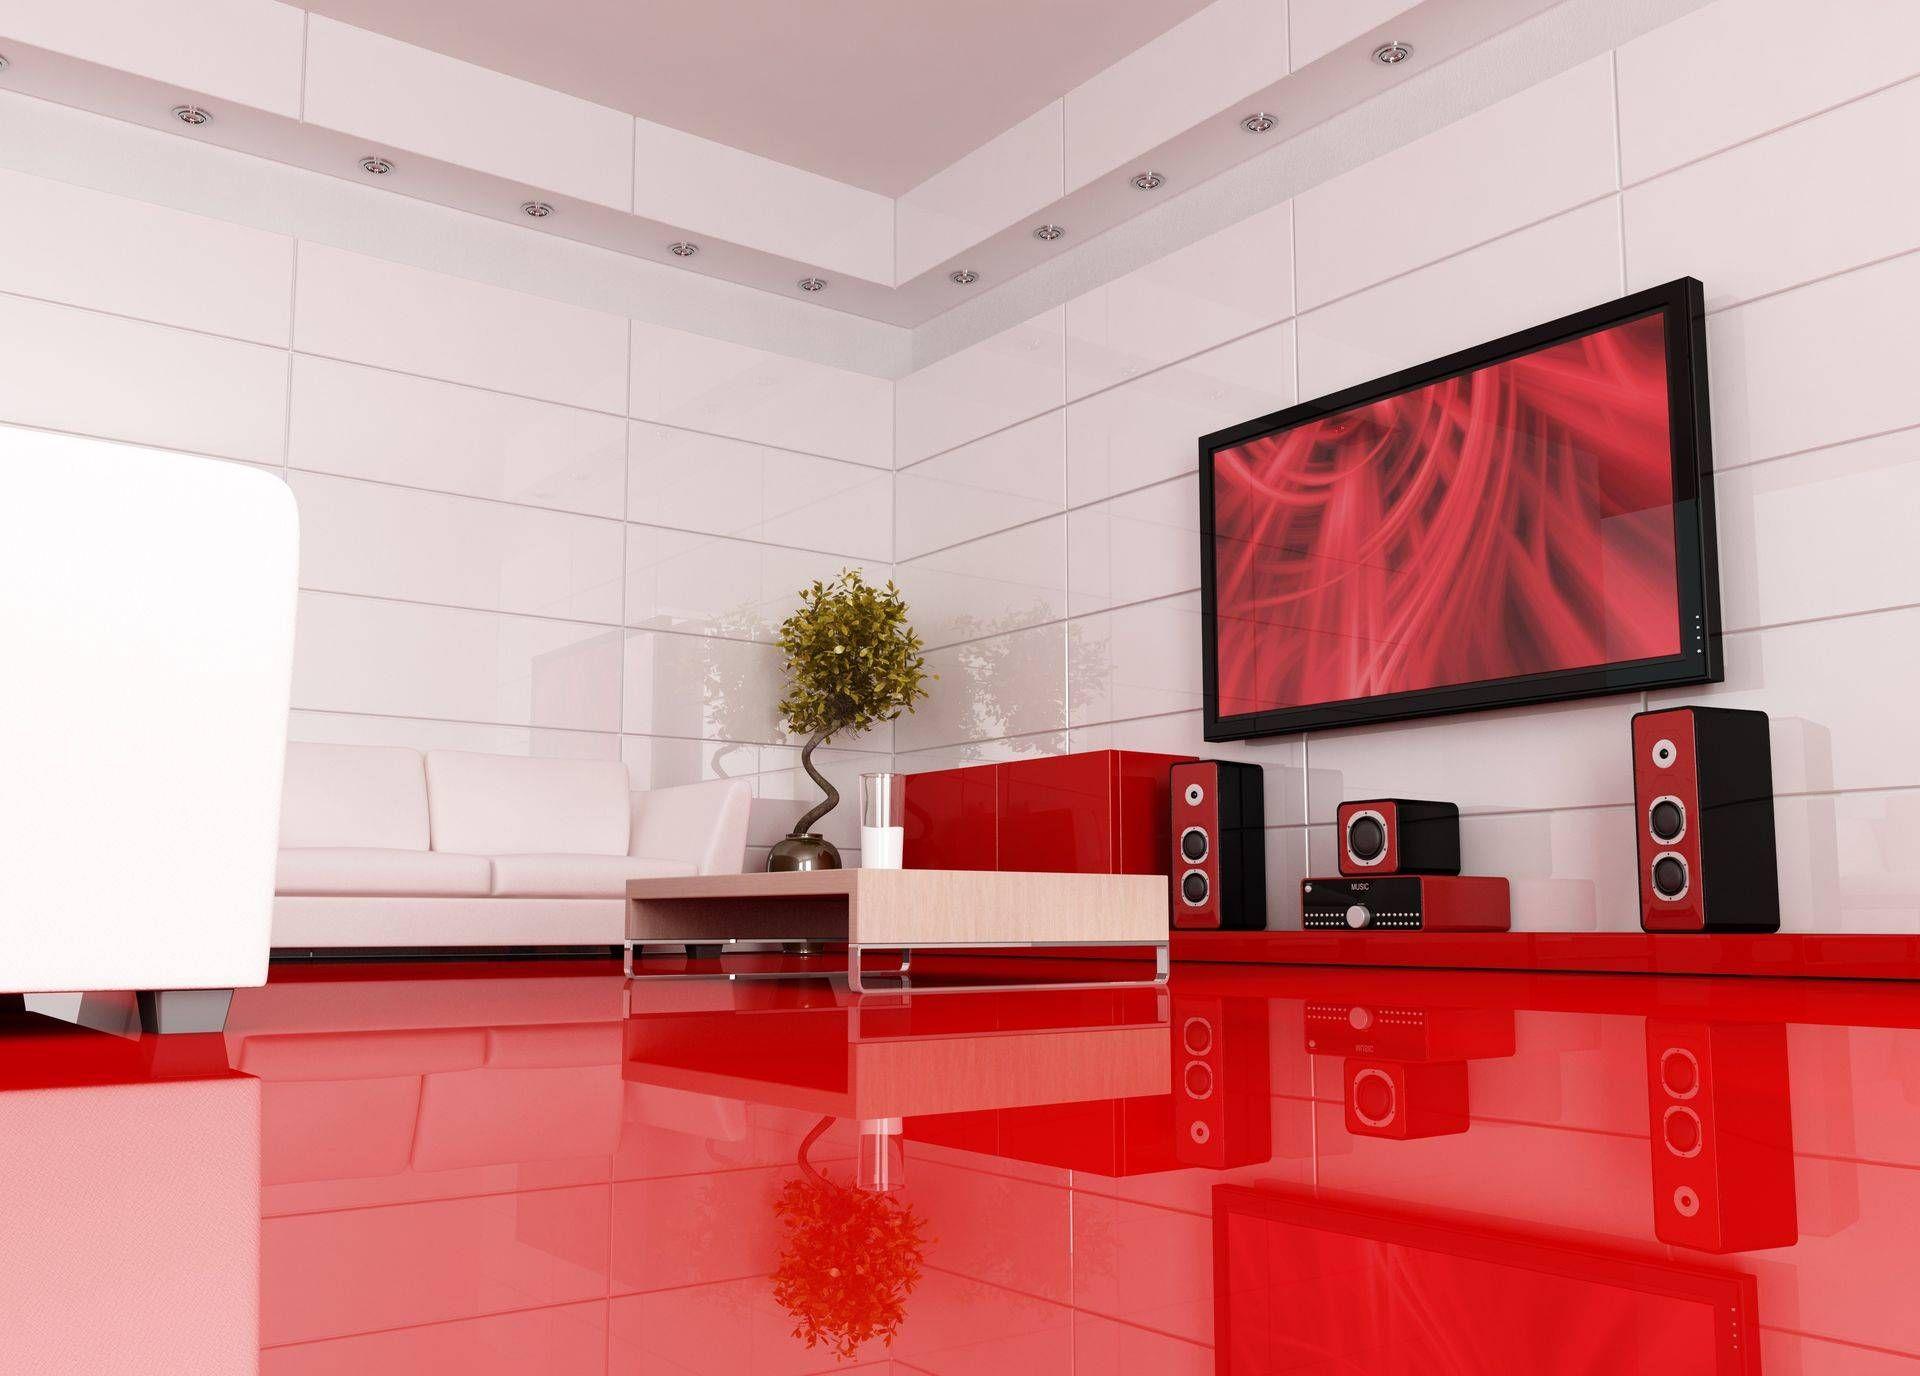 interieur | Pack 340 wallpaper decoration interieure gratuit | Fond ...